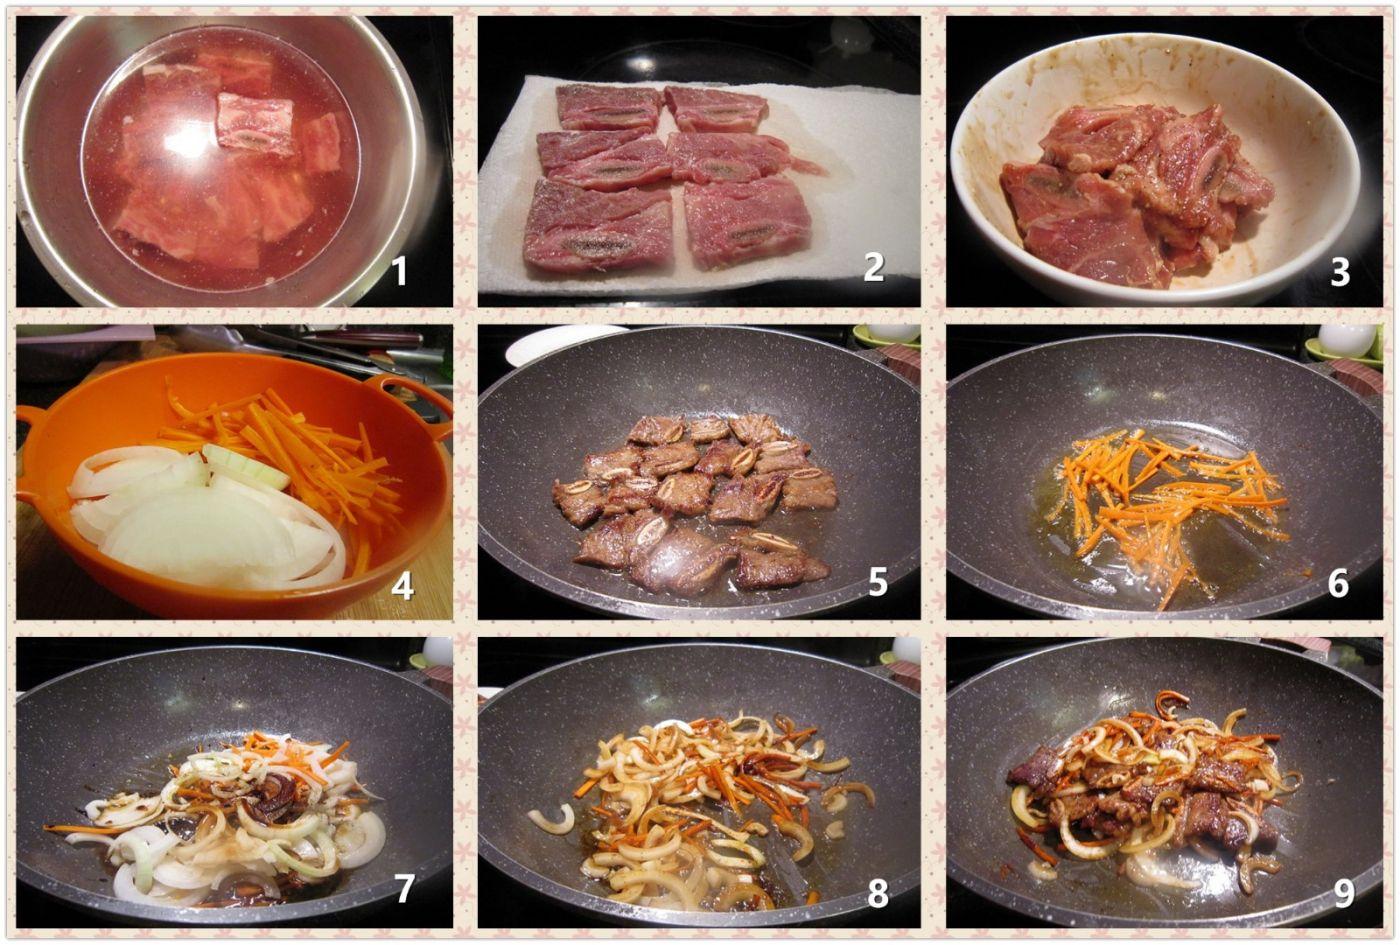 粤式洋葱牛小排_图1-2